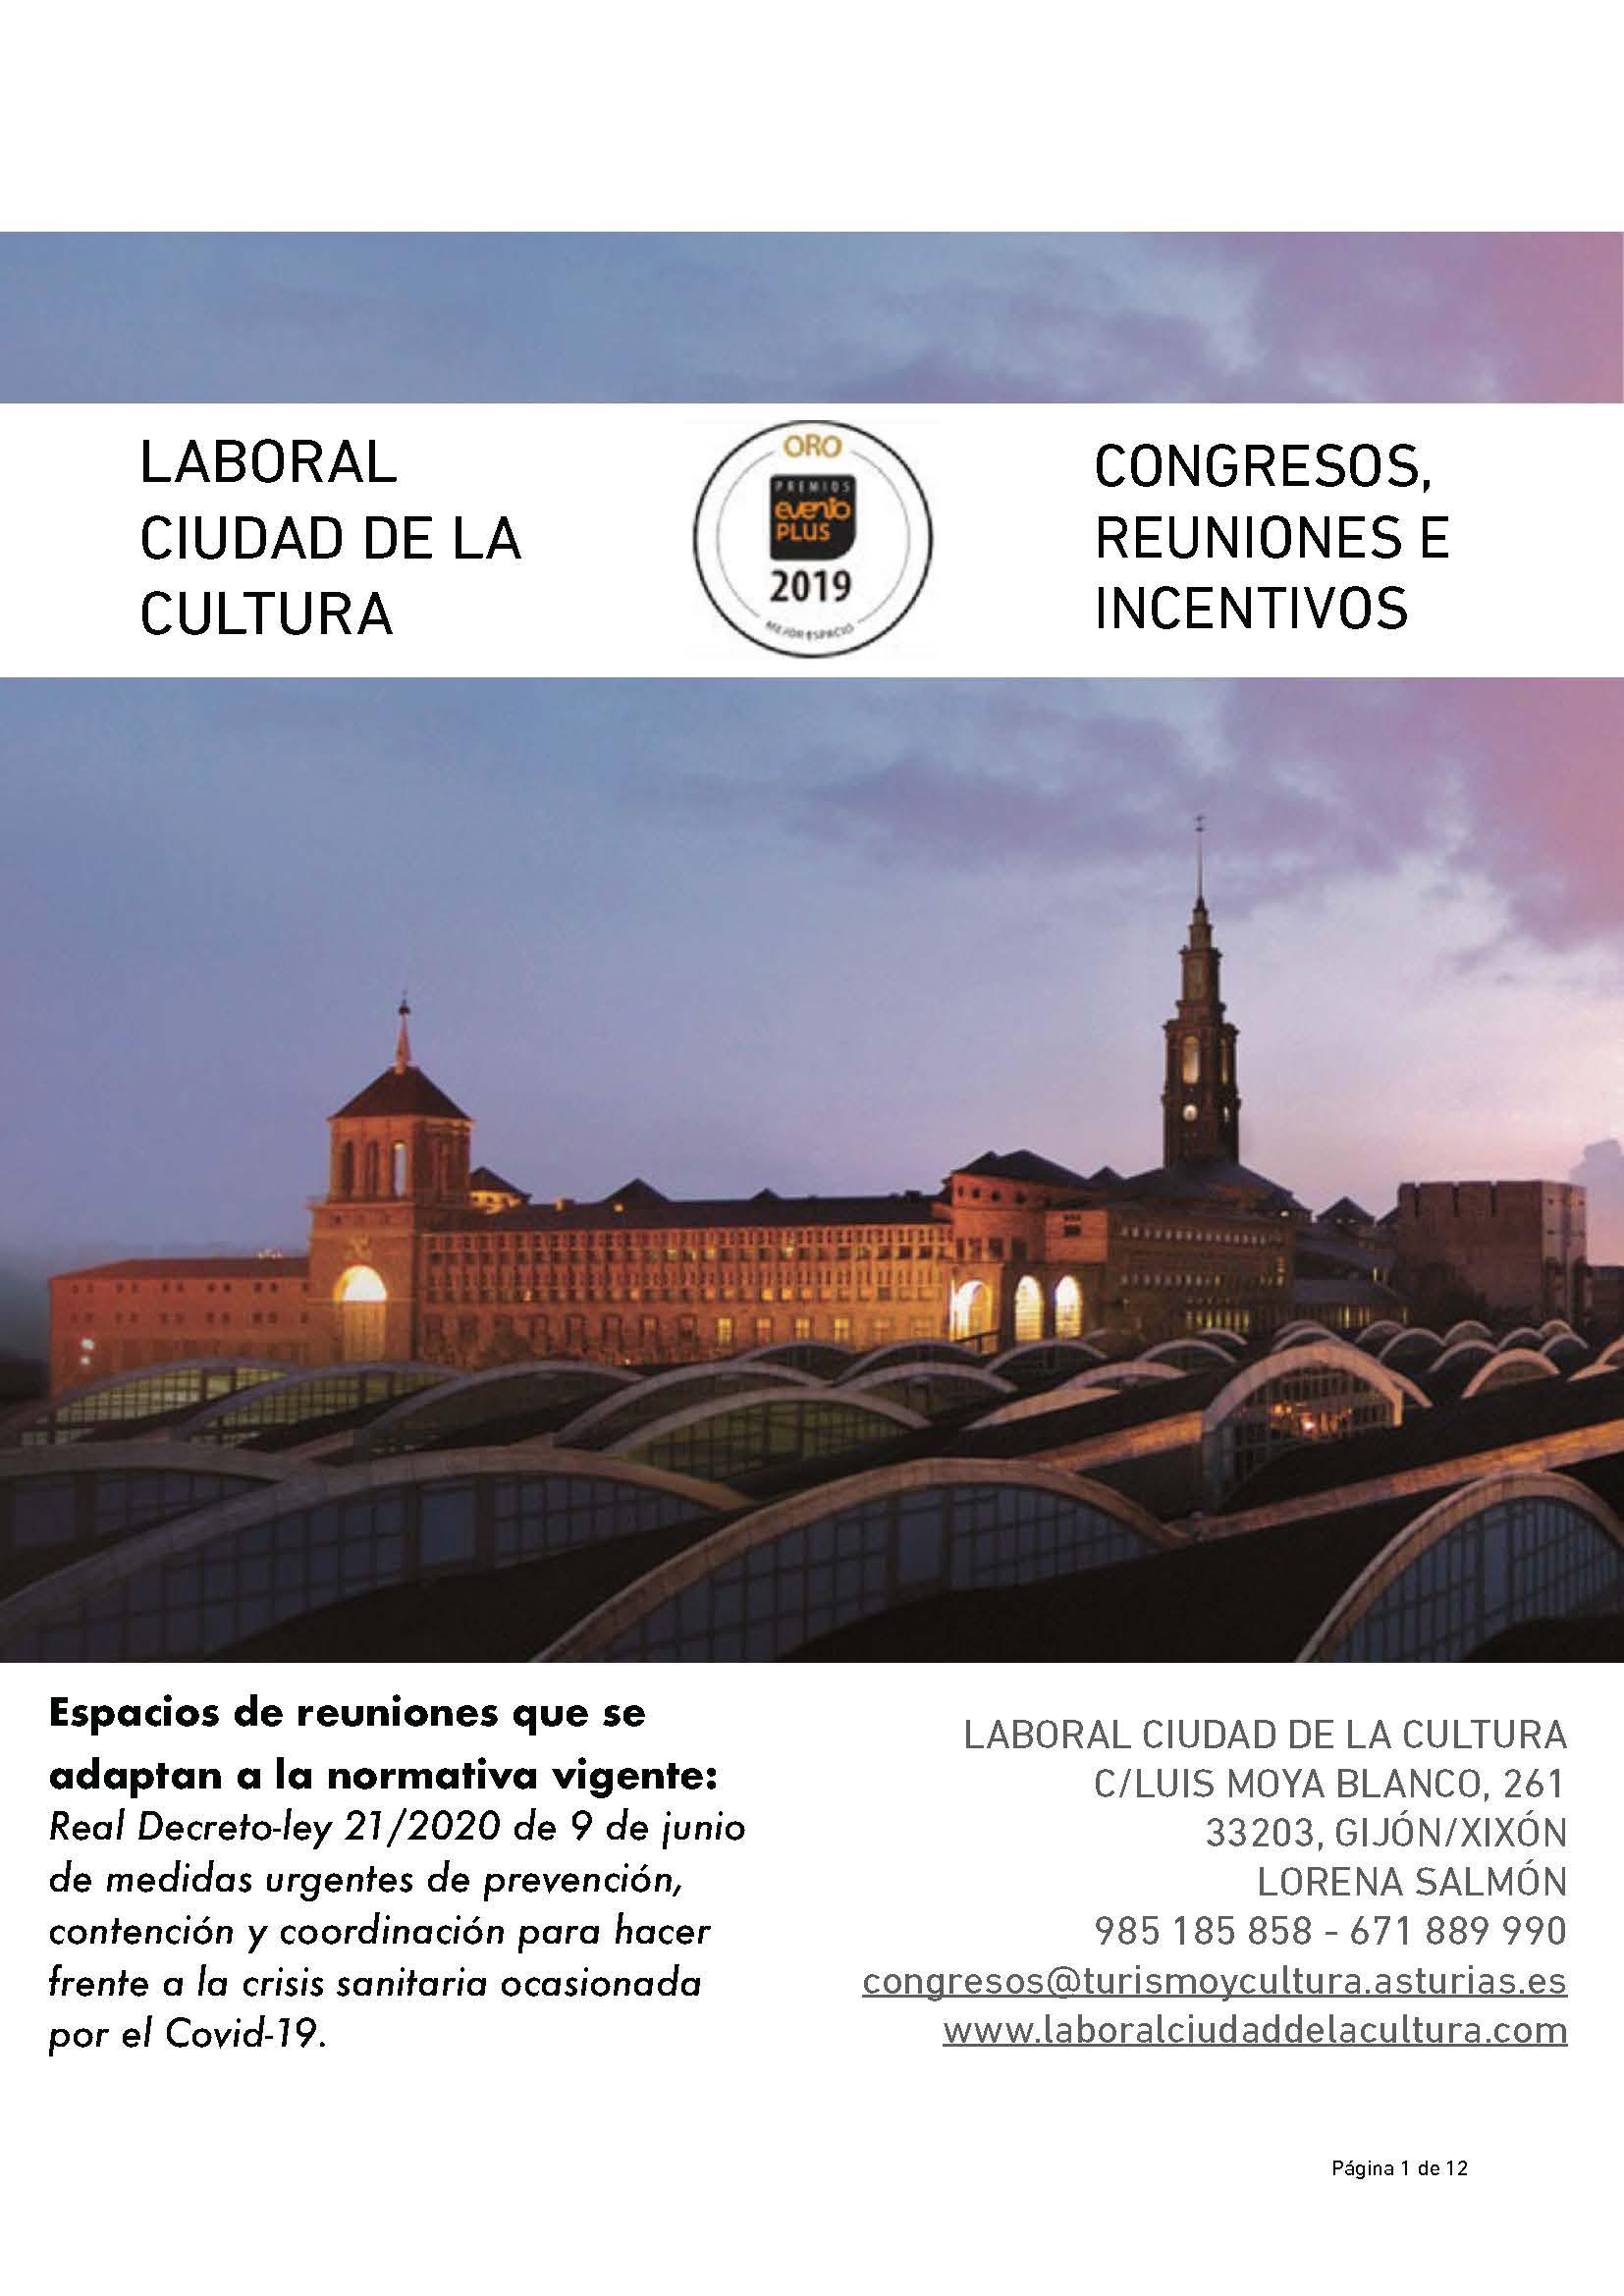 CONGRESOS, REUNIONES E INCENTIVOS RESPONSABLES EN LABORAL CIUDAD DE LA CULTURA